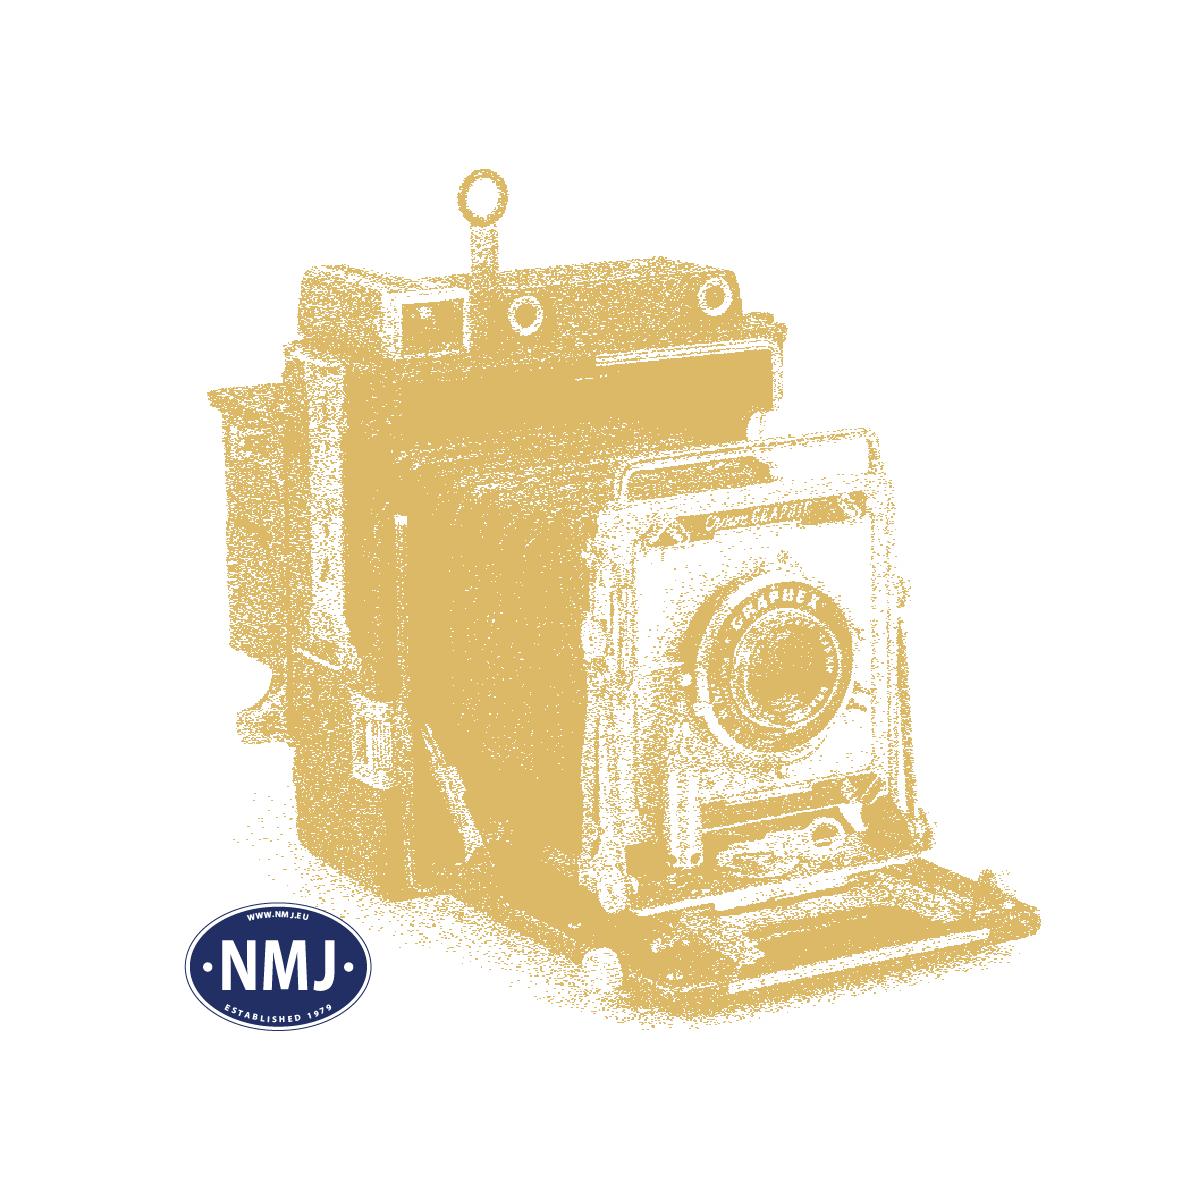 NOC15480 - Fotgjengere